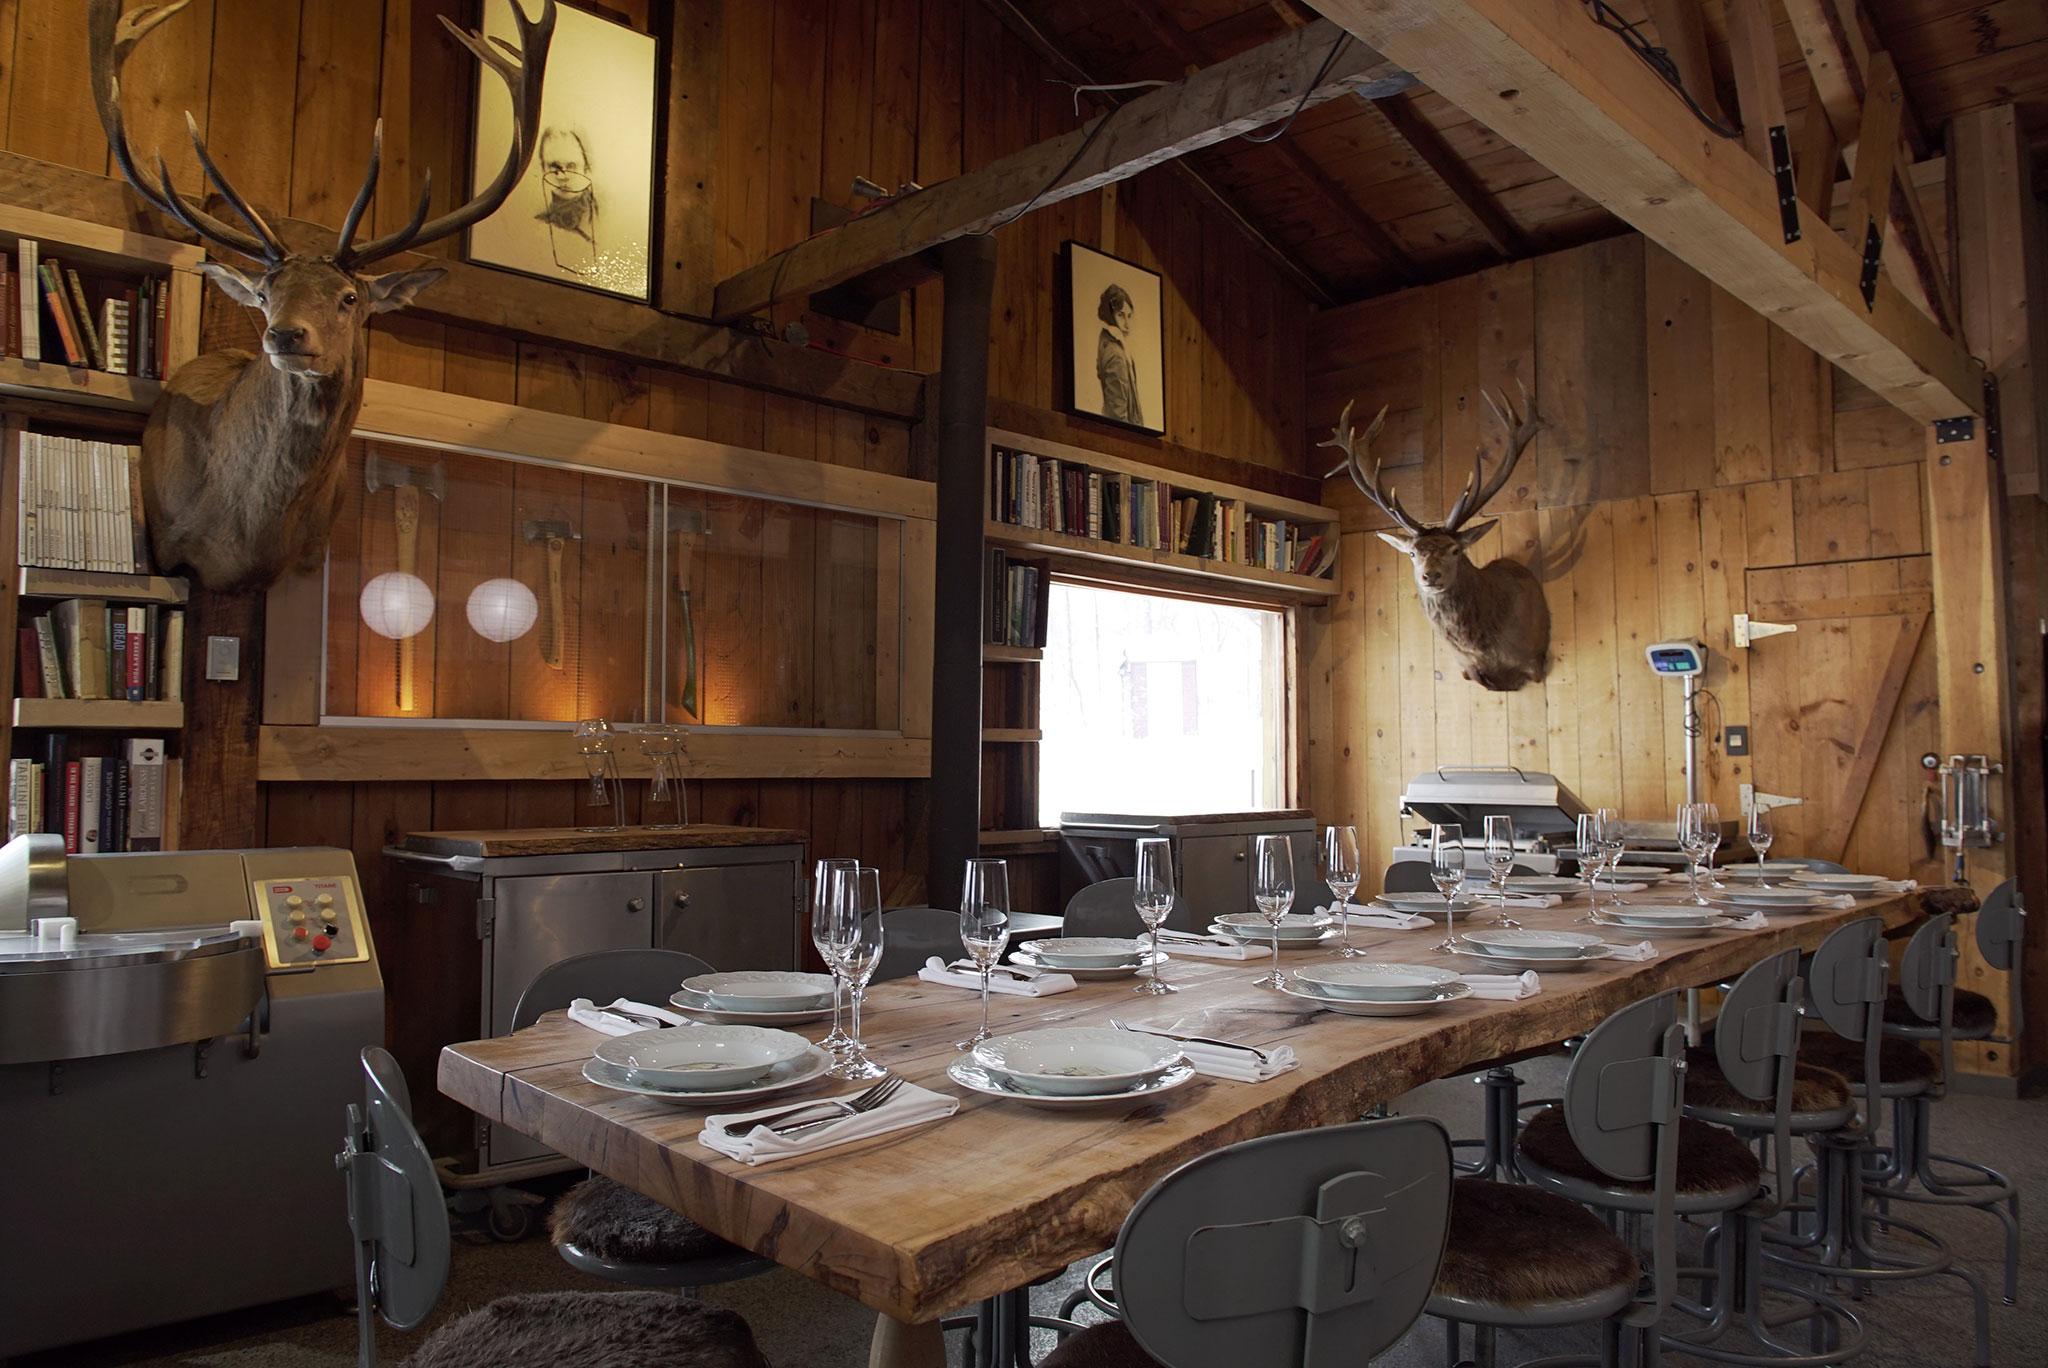 Inside Cabane à Sucre Au Pied de Cochon